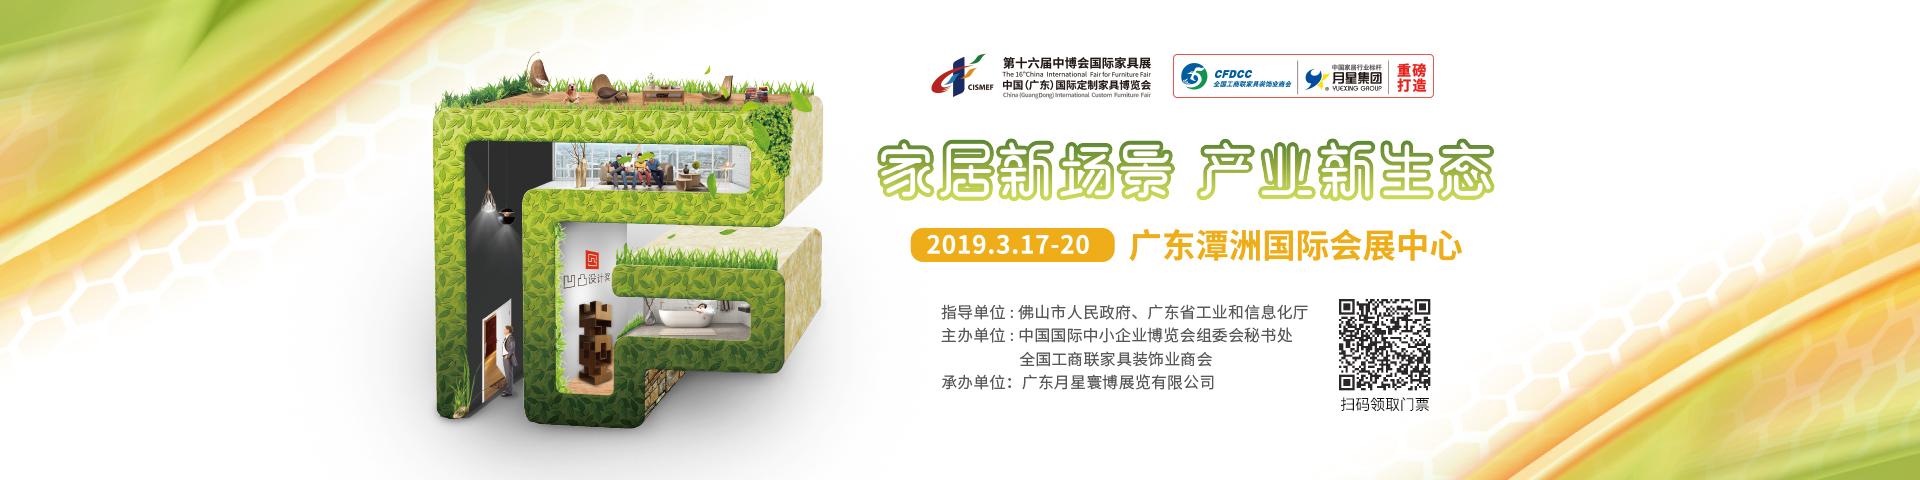 家促会&中博会-PC